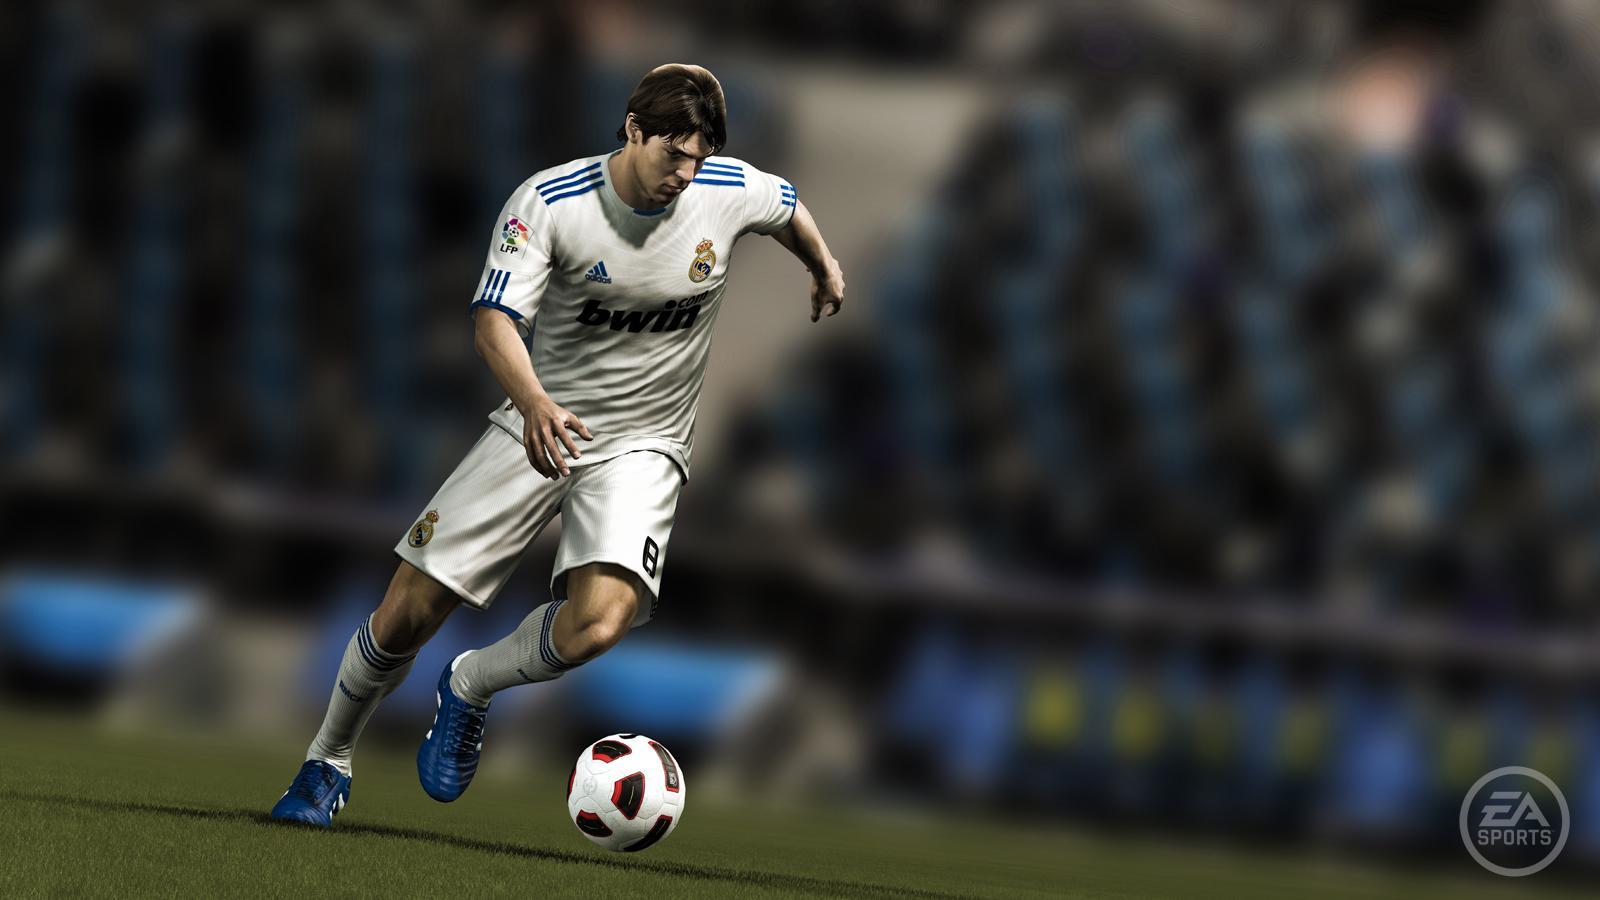 Prvá rozohrávka pre FIFA 12